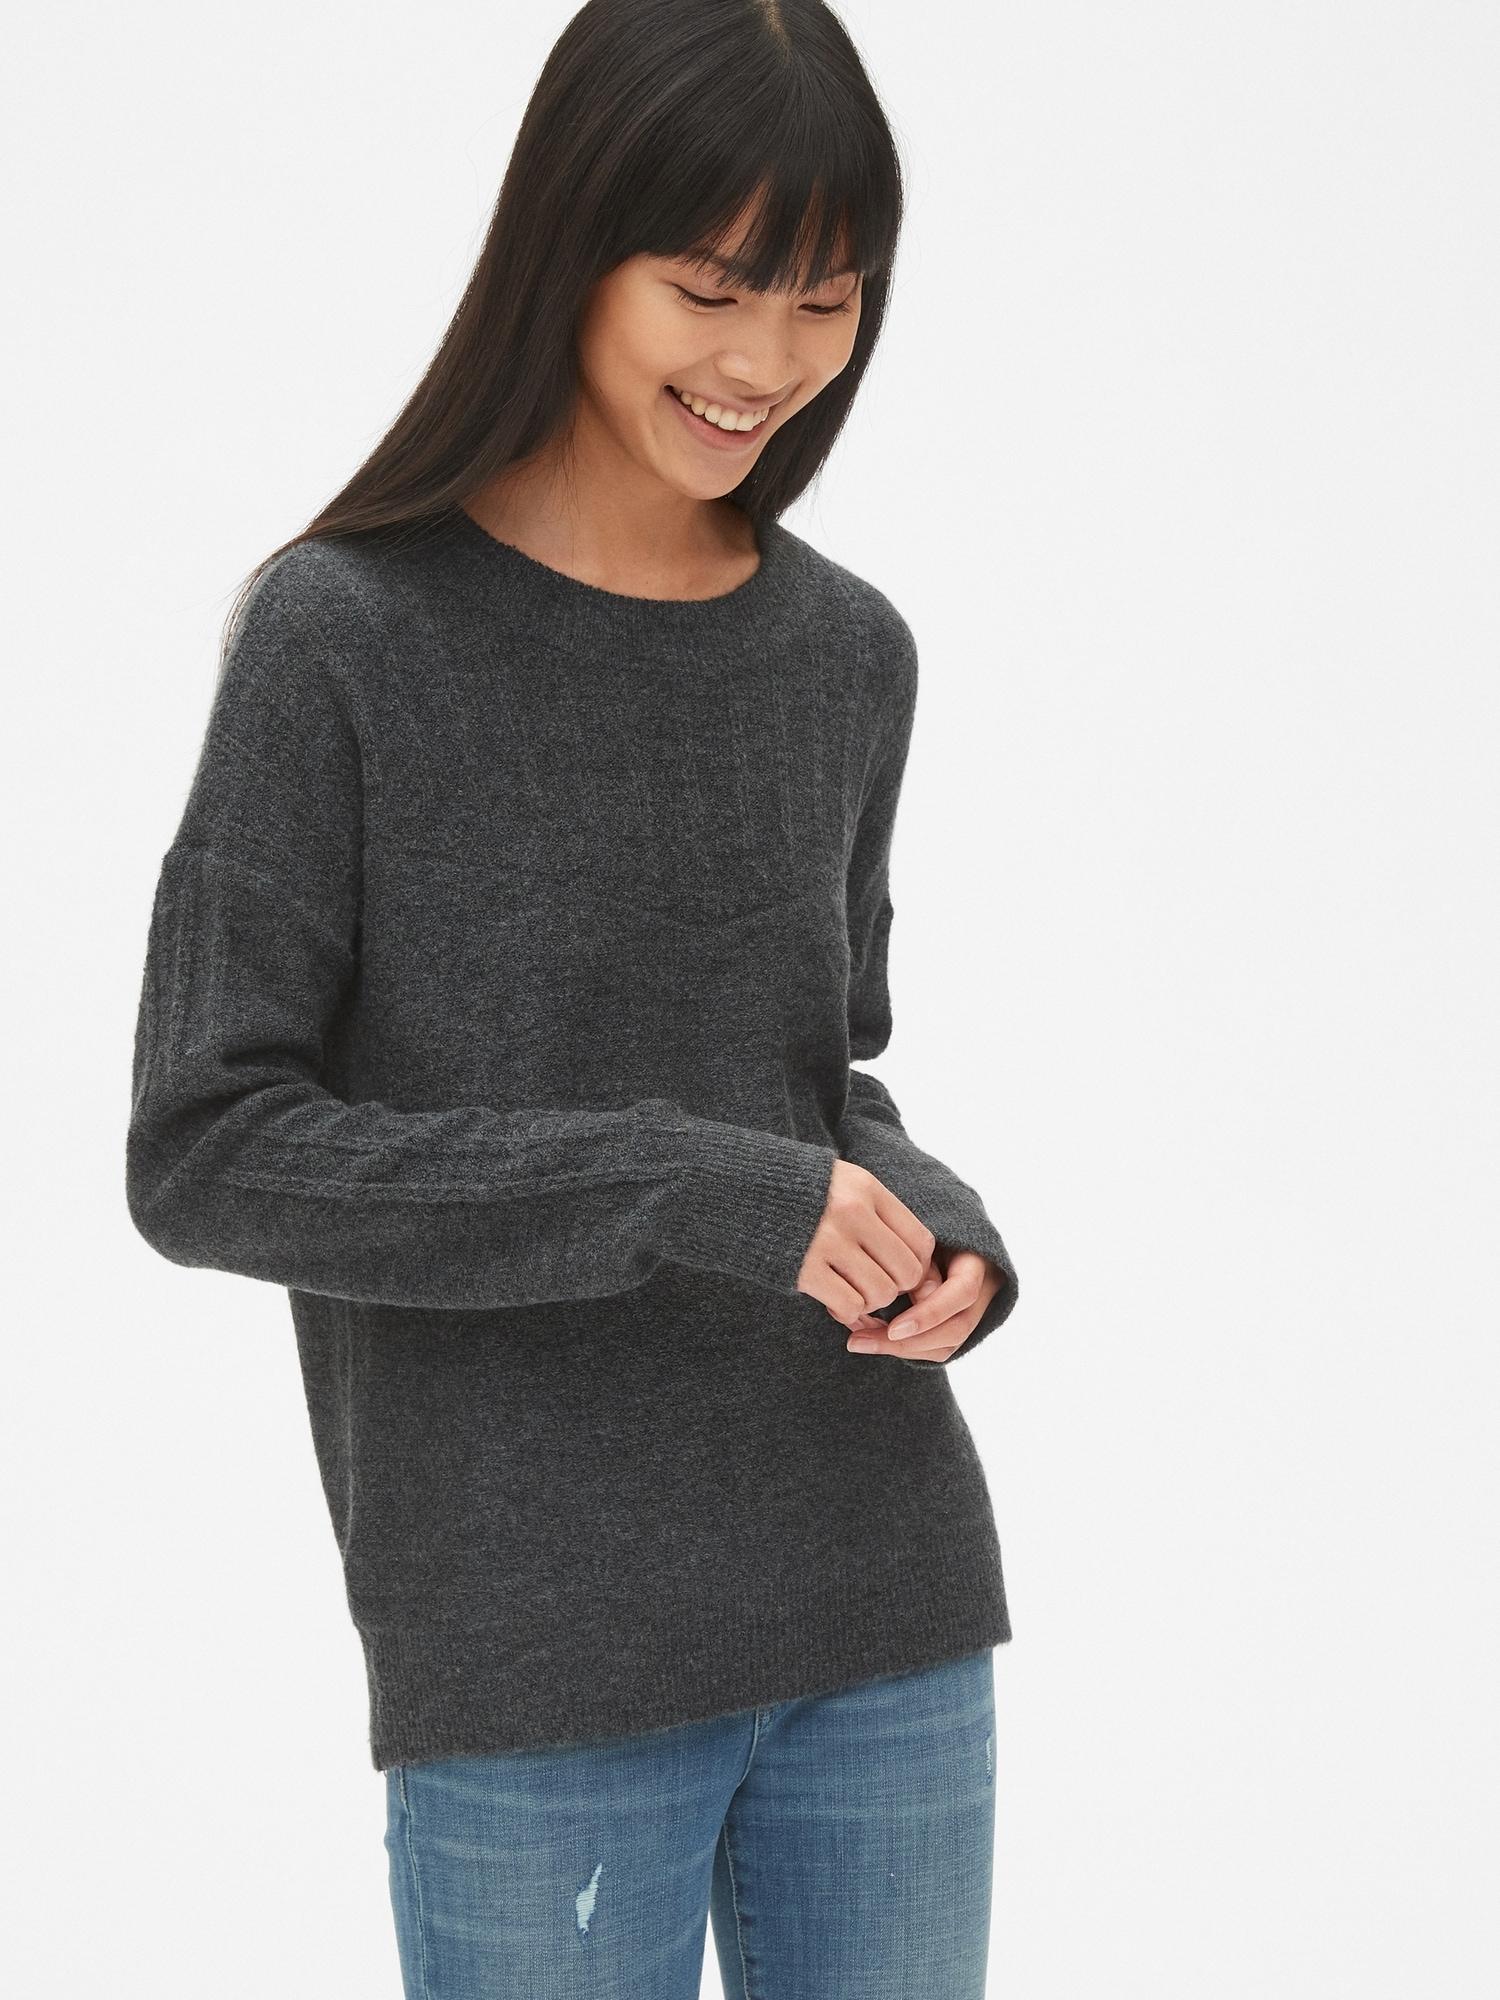 e84050c49e4c7 Lacy Pointelle Crewneck Pullover Sweater